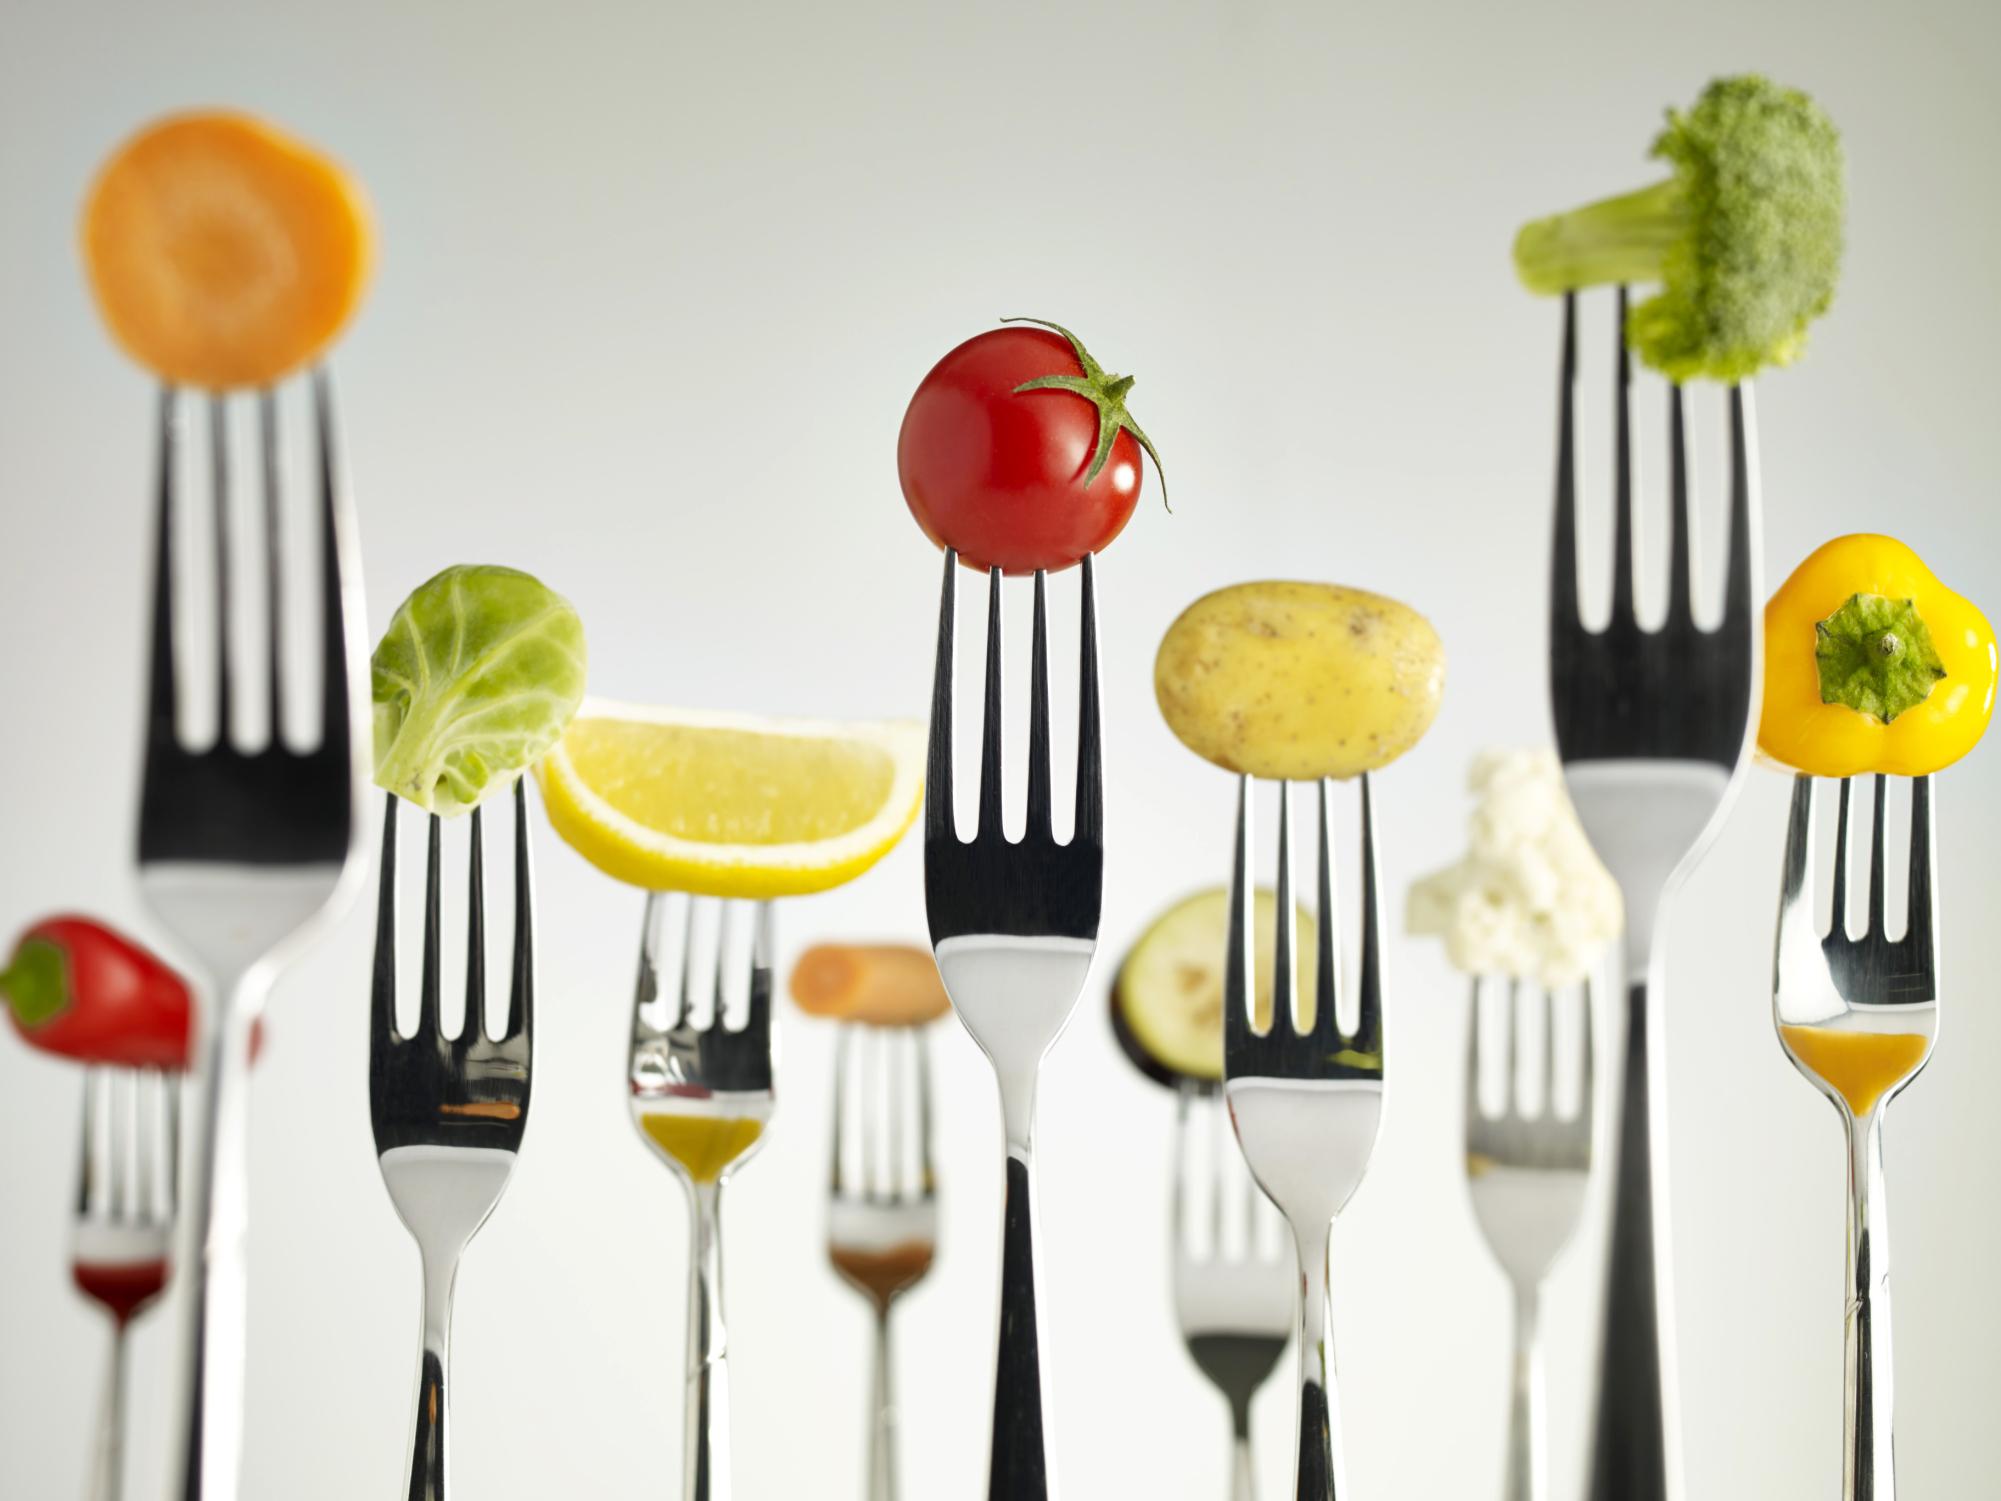 Κύρια φωτογραφία για το άρθρο: Συμπτώματα και αιτίες υποσιτισμού